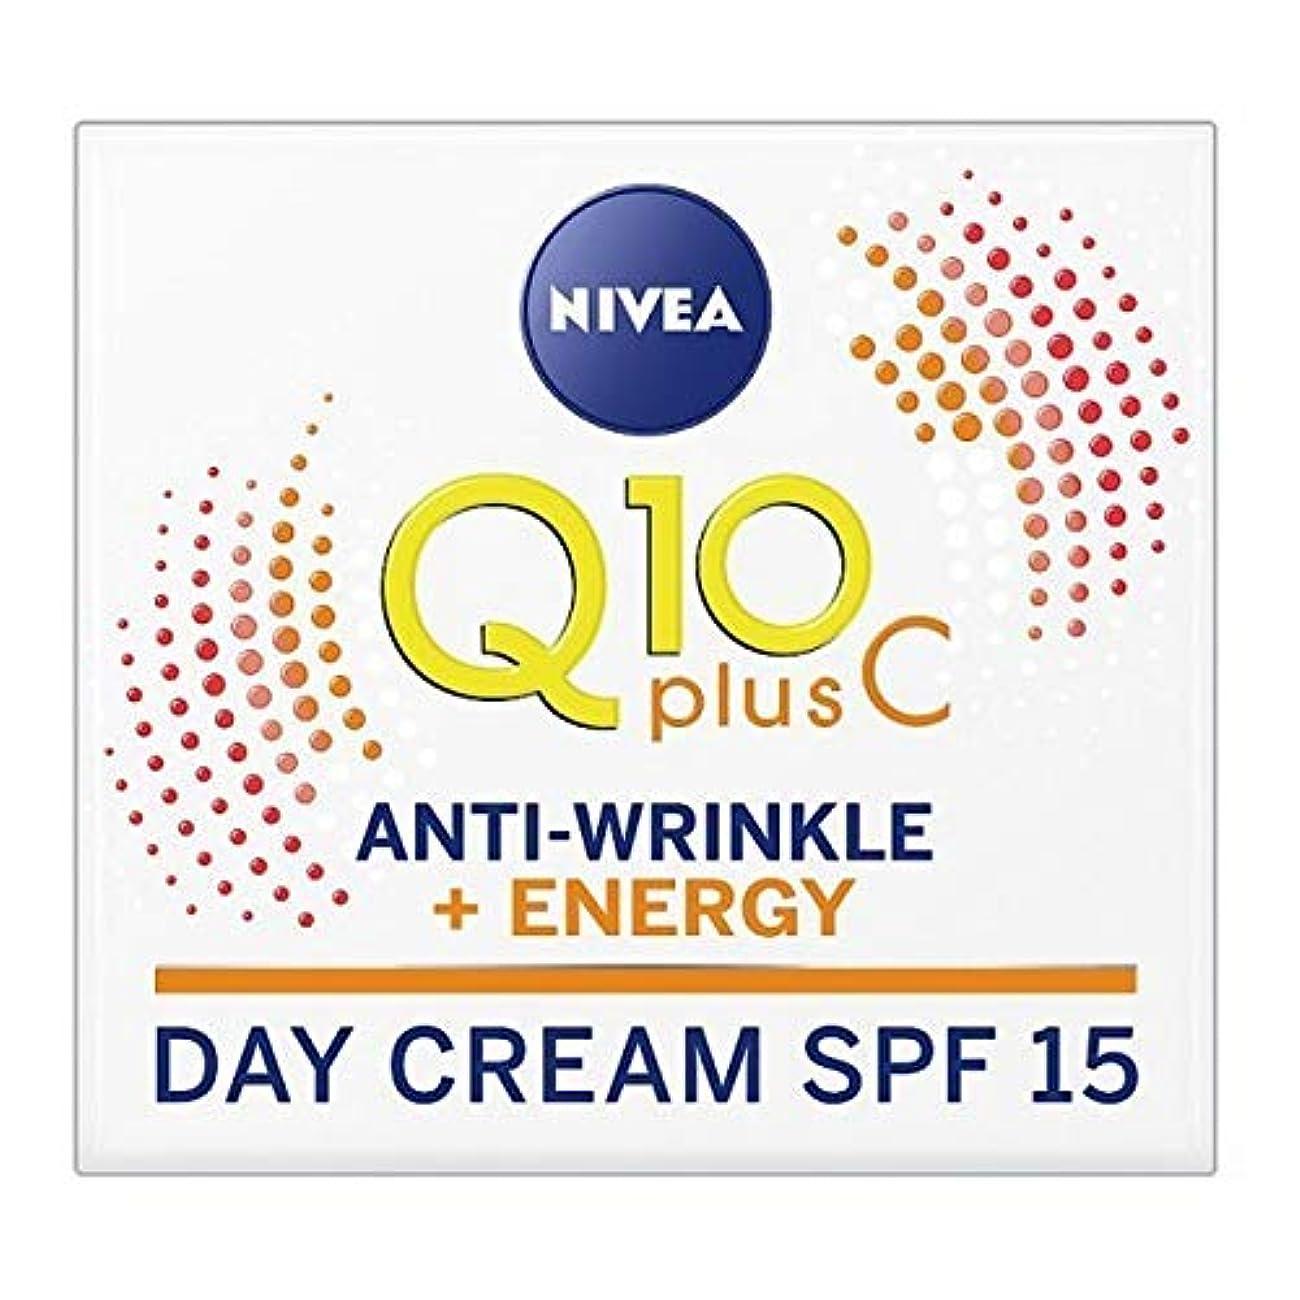 貸すカジュアル[Nivea ] ニベアのQ10、ビタミンC抗シワエネルギーフェイスクリームSpf 15 - NIVEA Q10 Vitamin C Anti-Wrinkle Energy Face Cream SPF 15 [並行輸入品]